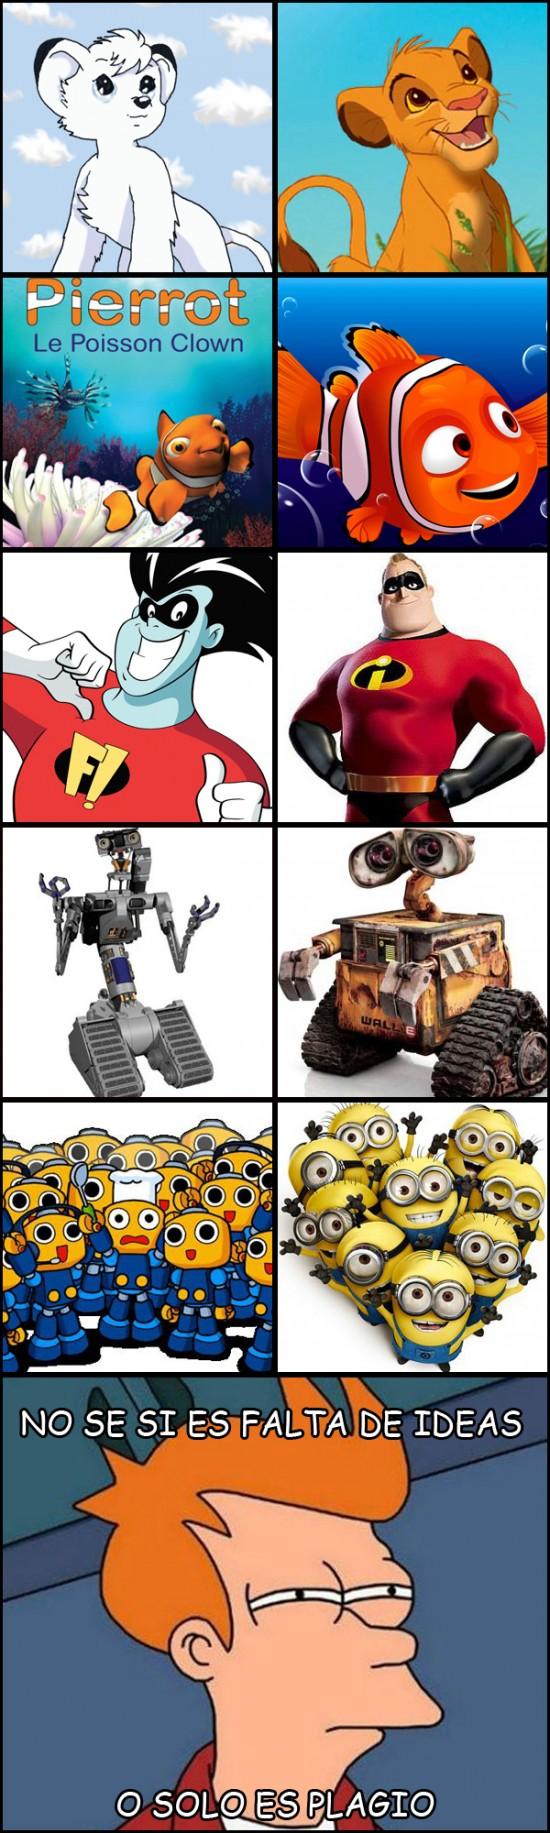 Otros - Personajes originales